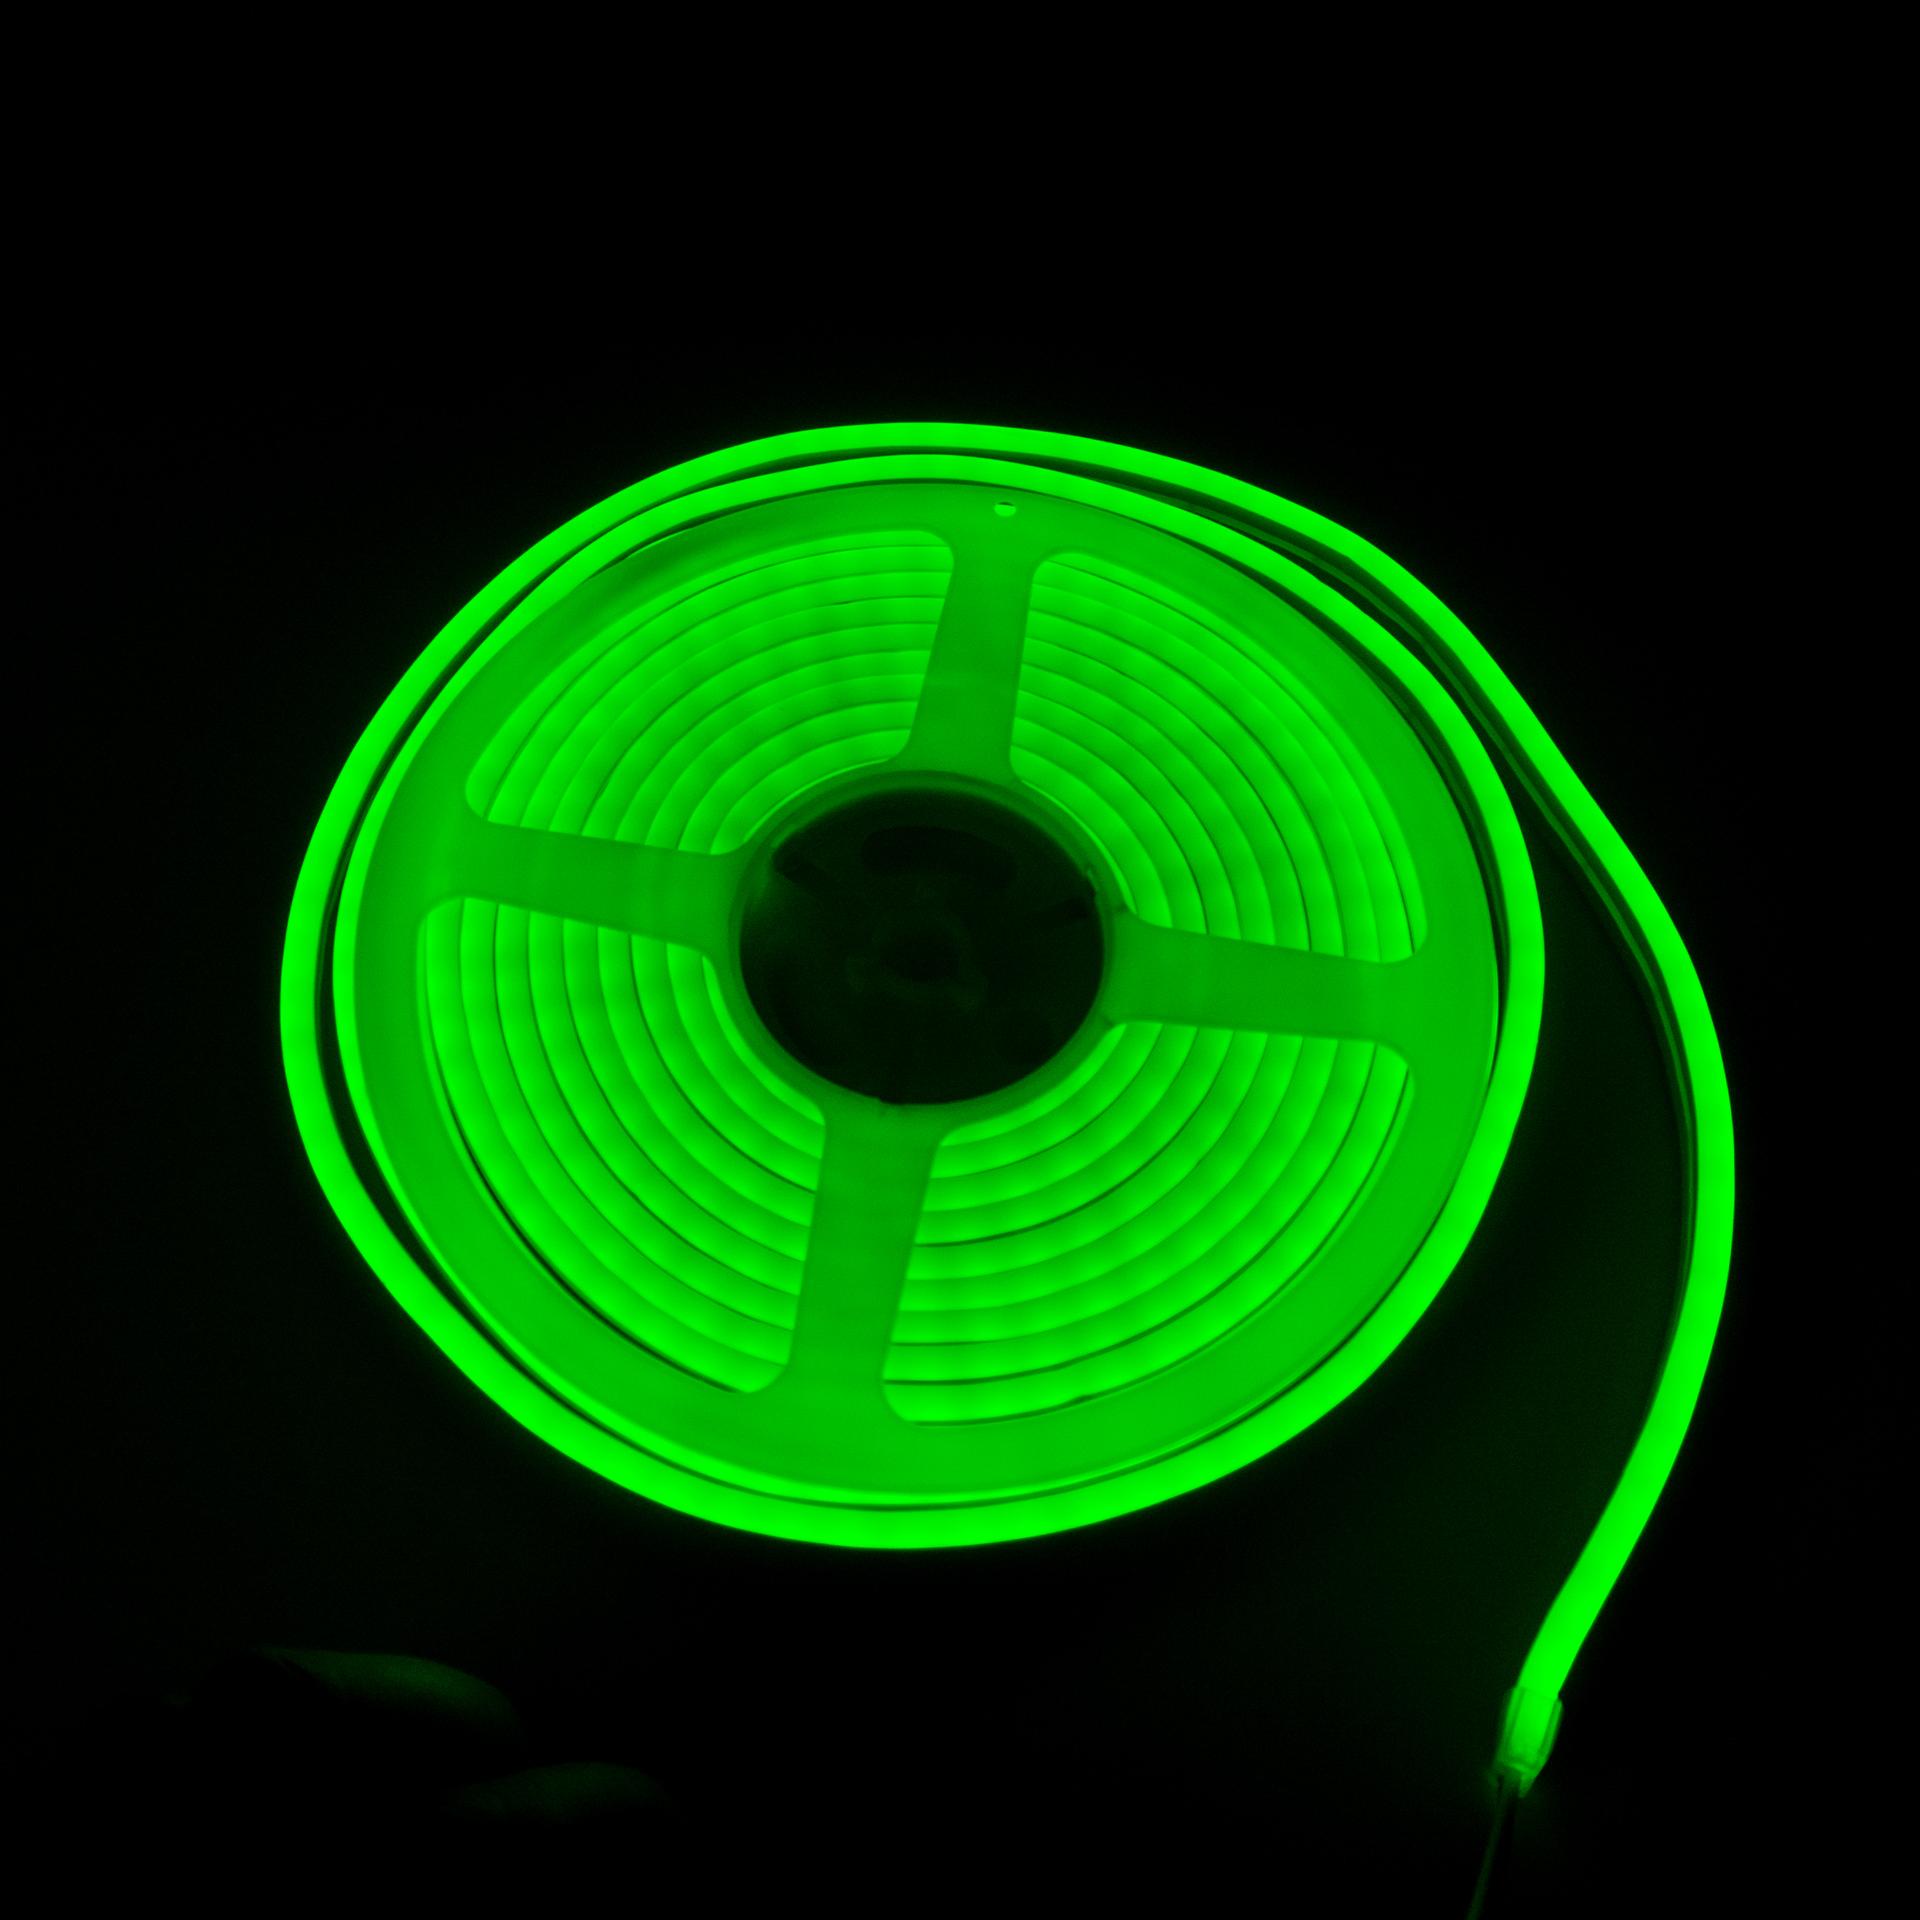 LED Neon Flex IP65 12V Zöld Flexibilis Neon Csík Dimmelhető LN-512G